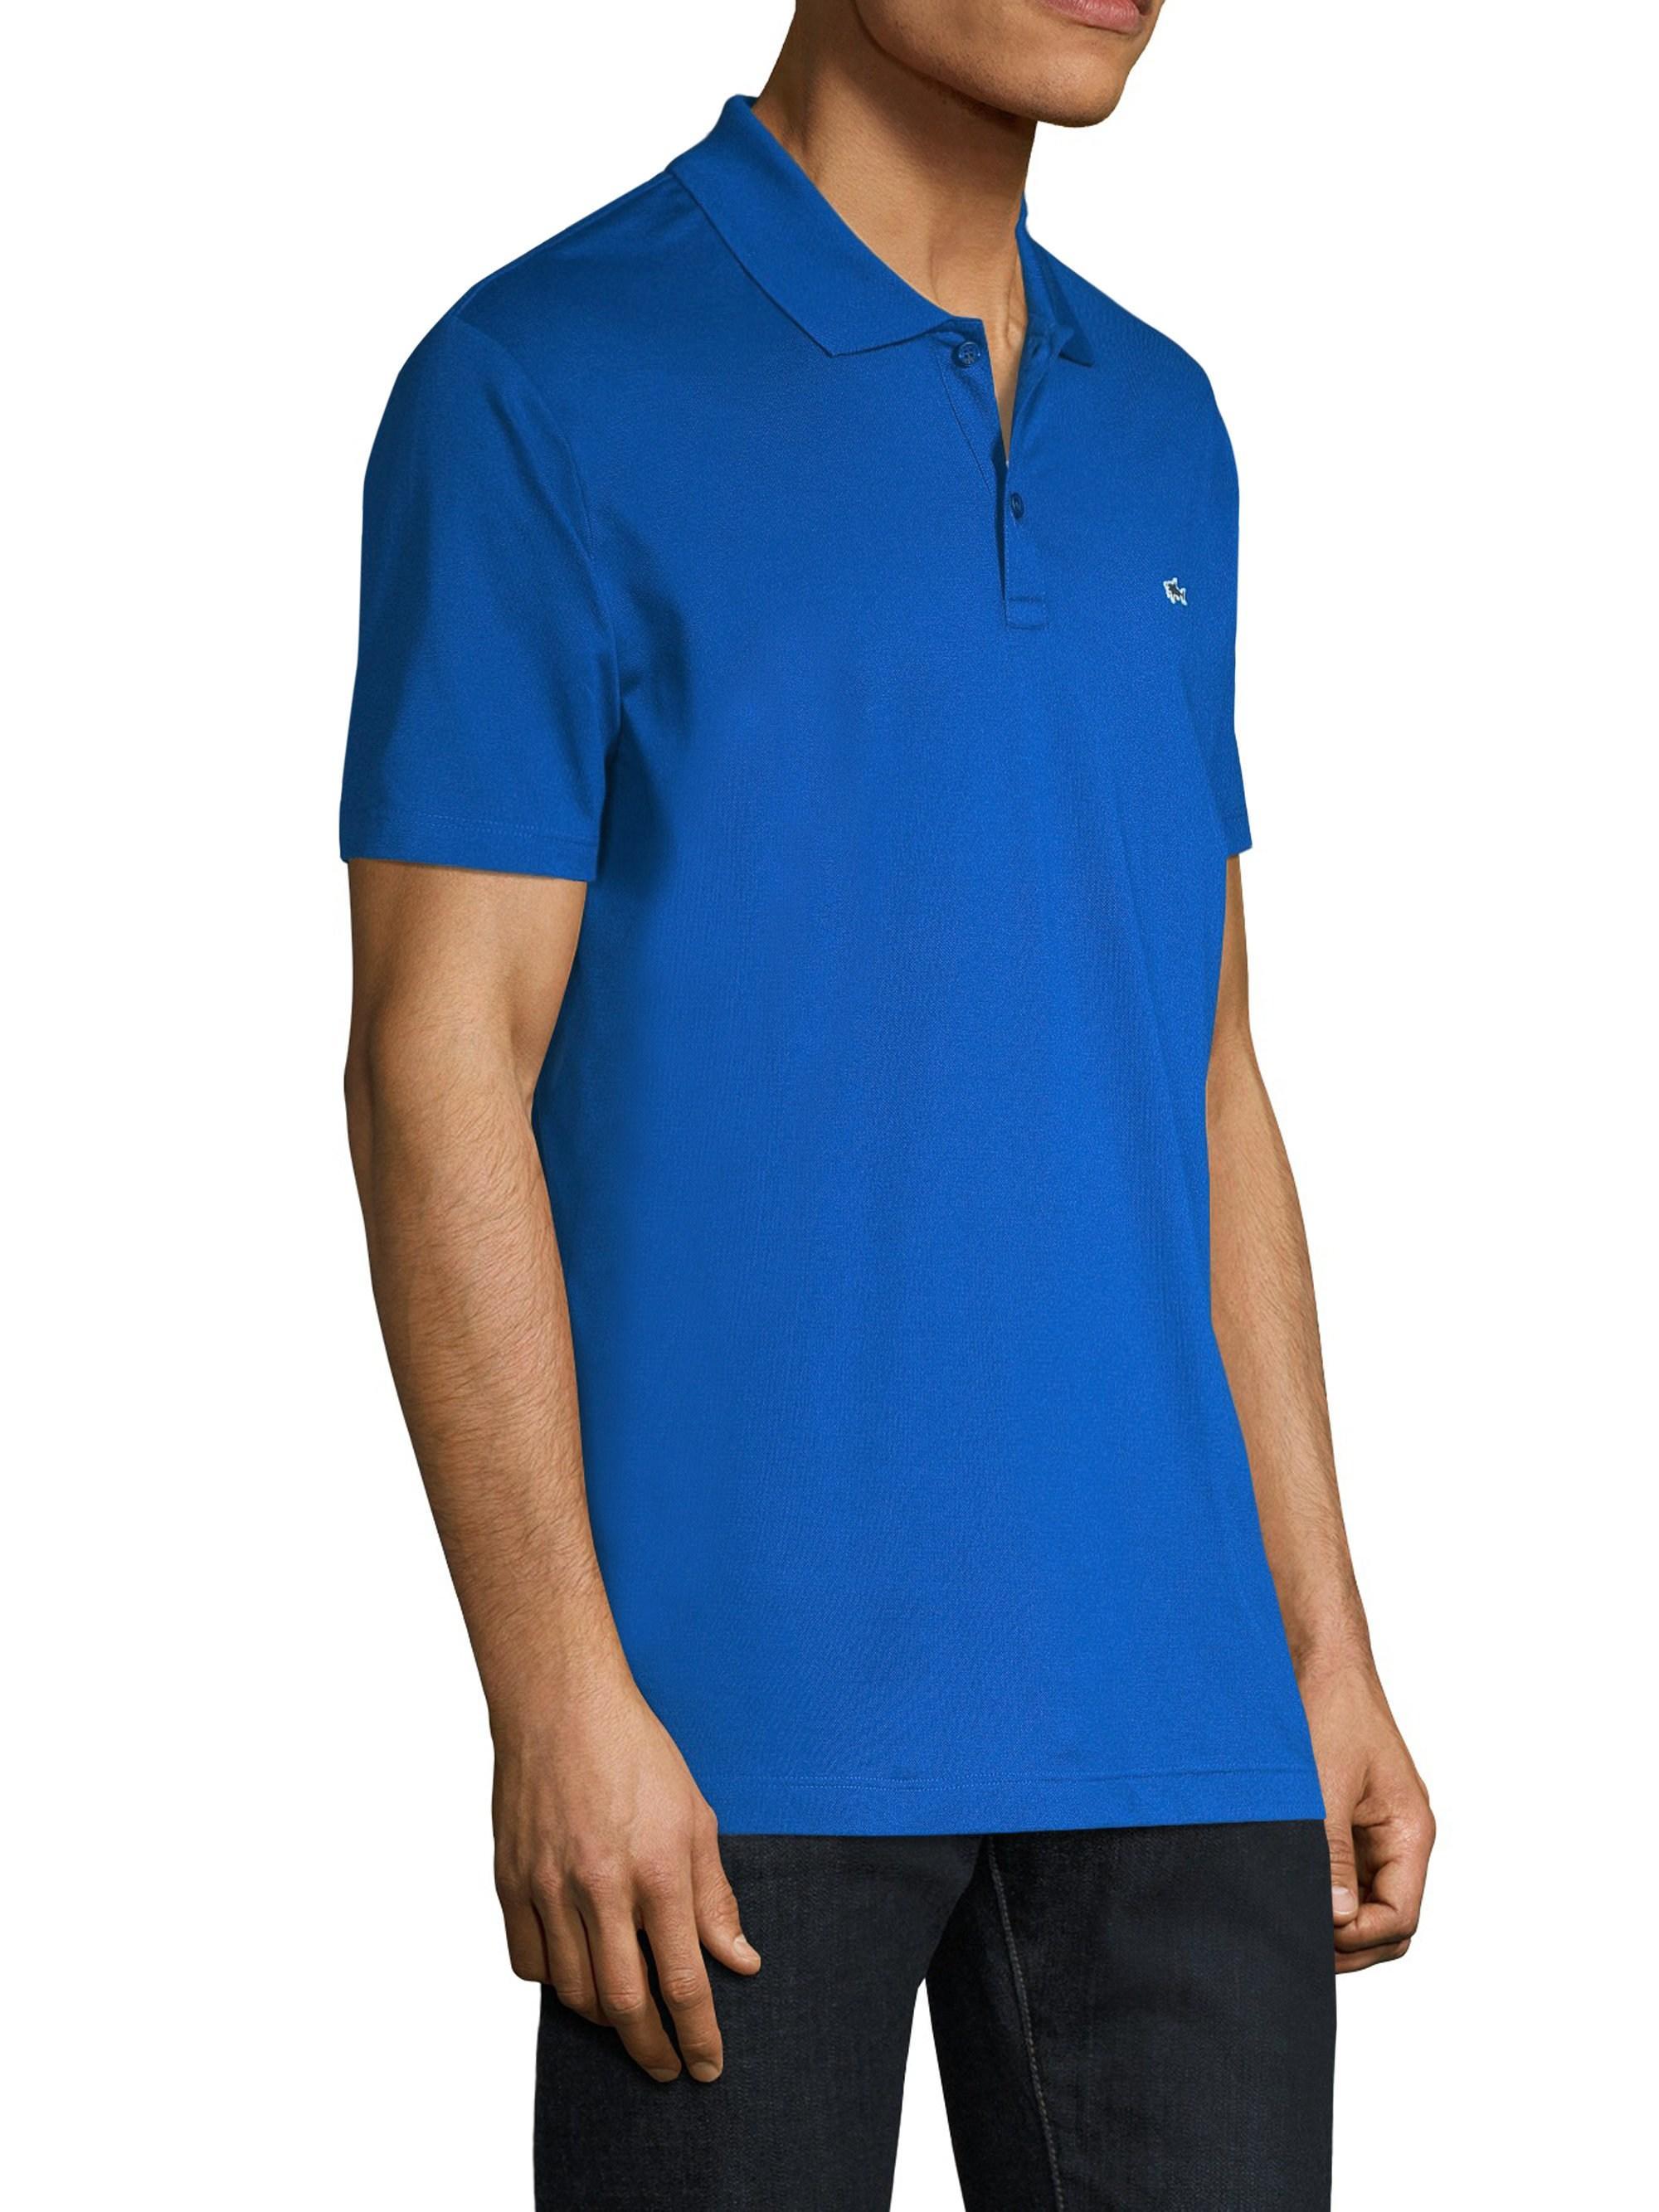 d09e6134 Lyst - Paul & Shark Men's Smart Knitted Polo Shirt - Cobalt Blue - Size  Large in Blue for Men